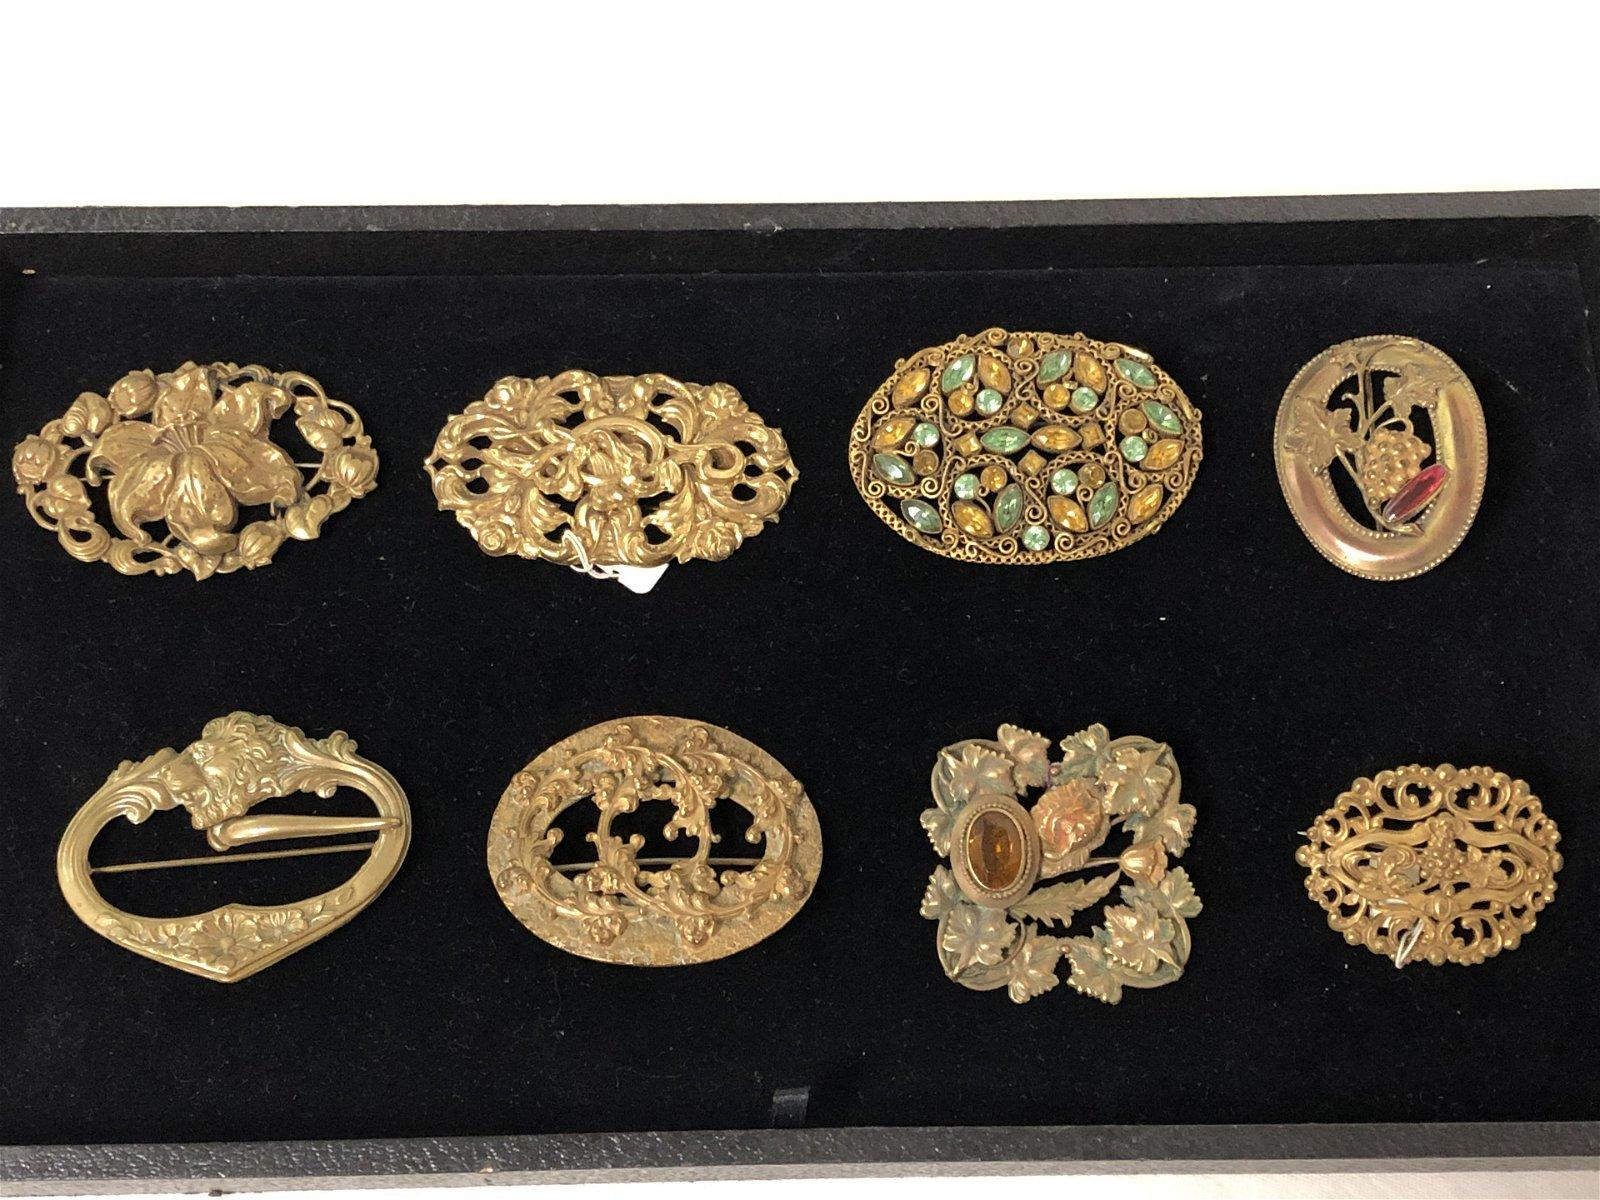 (8) Art Nouveau Brass Brooch Pins - 2'', 2.5'', 3''